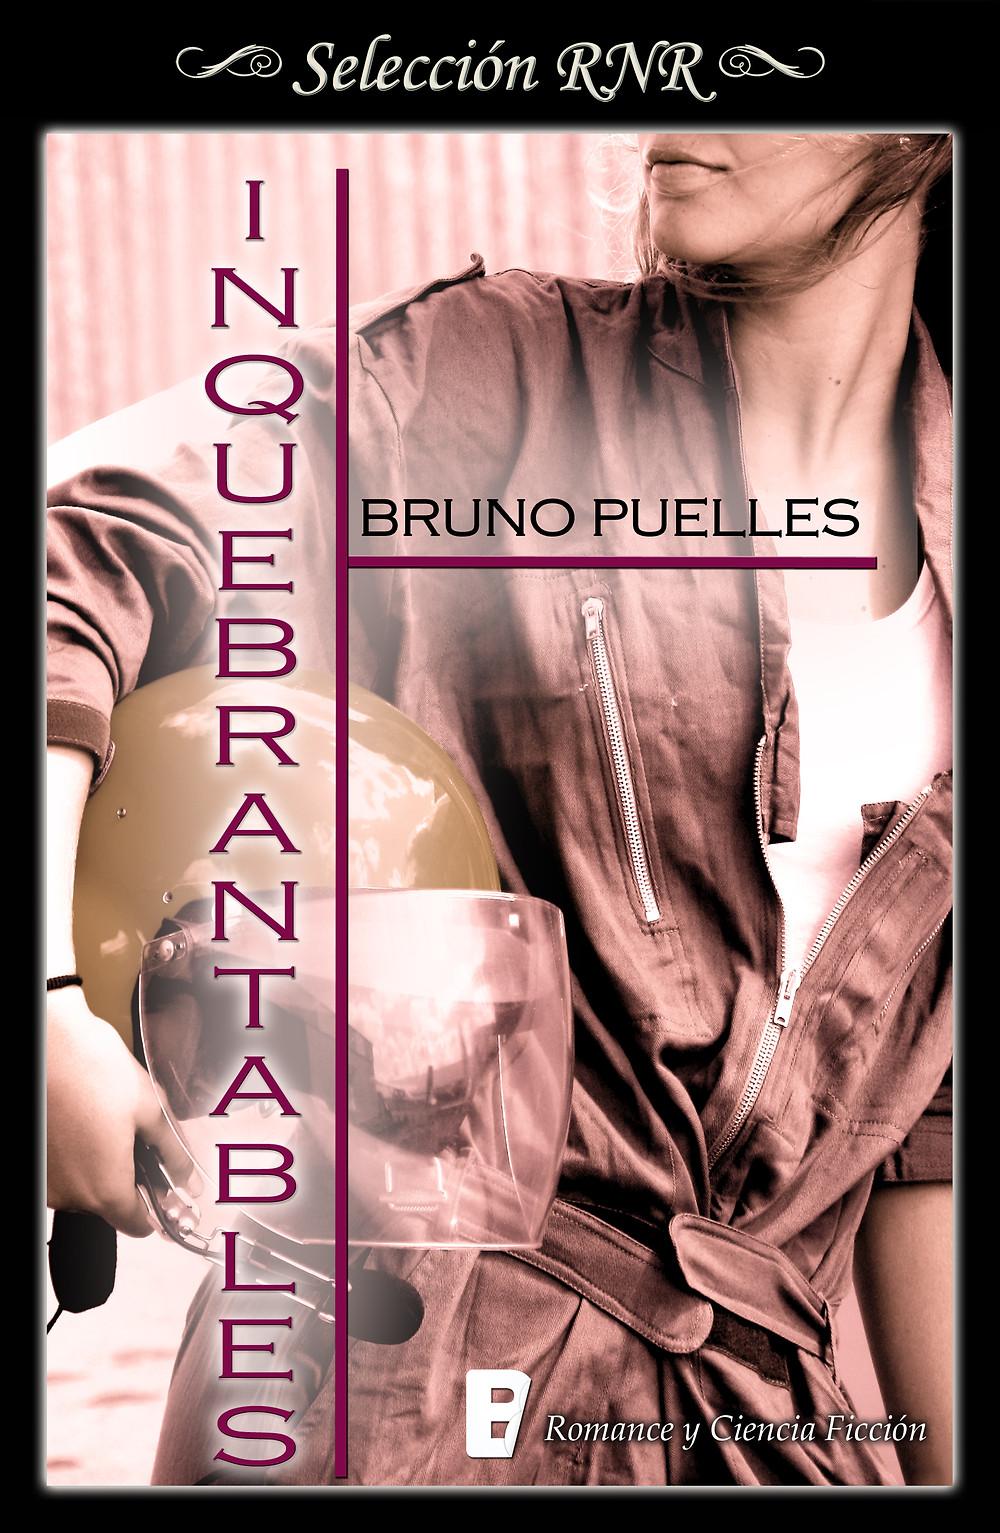 Portada de la novela Inquebrantables, publicada en 2017 por B de Books